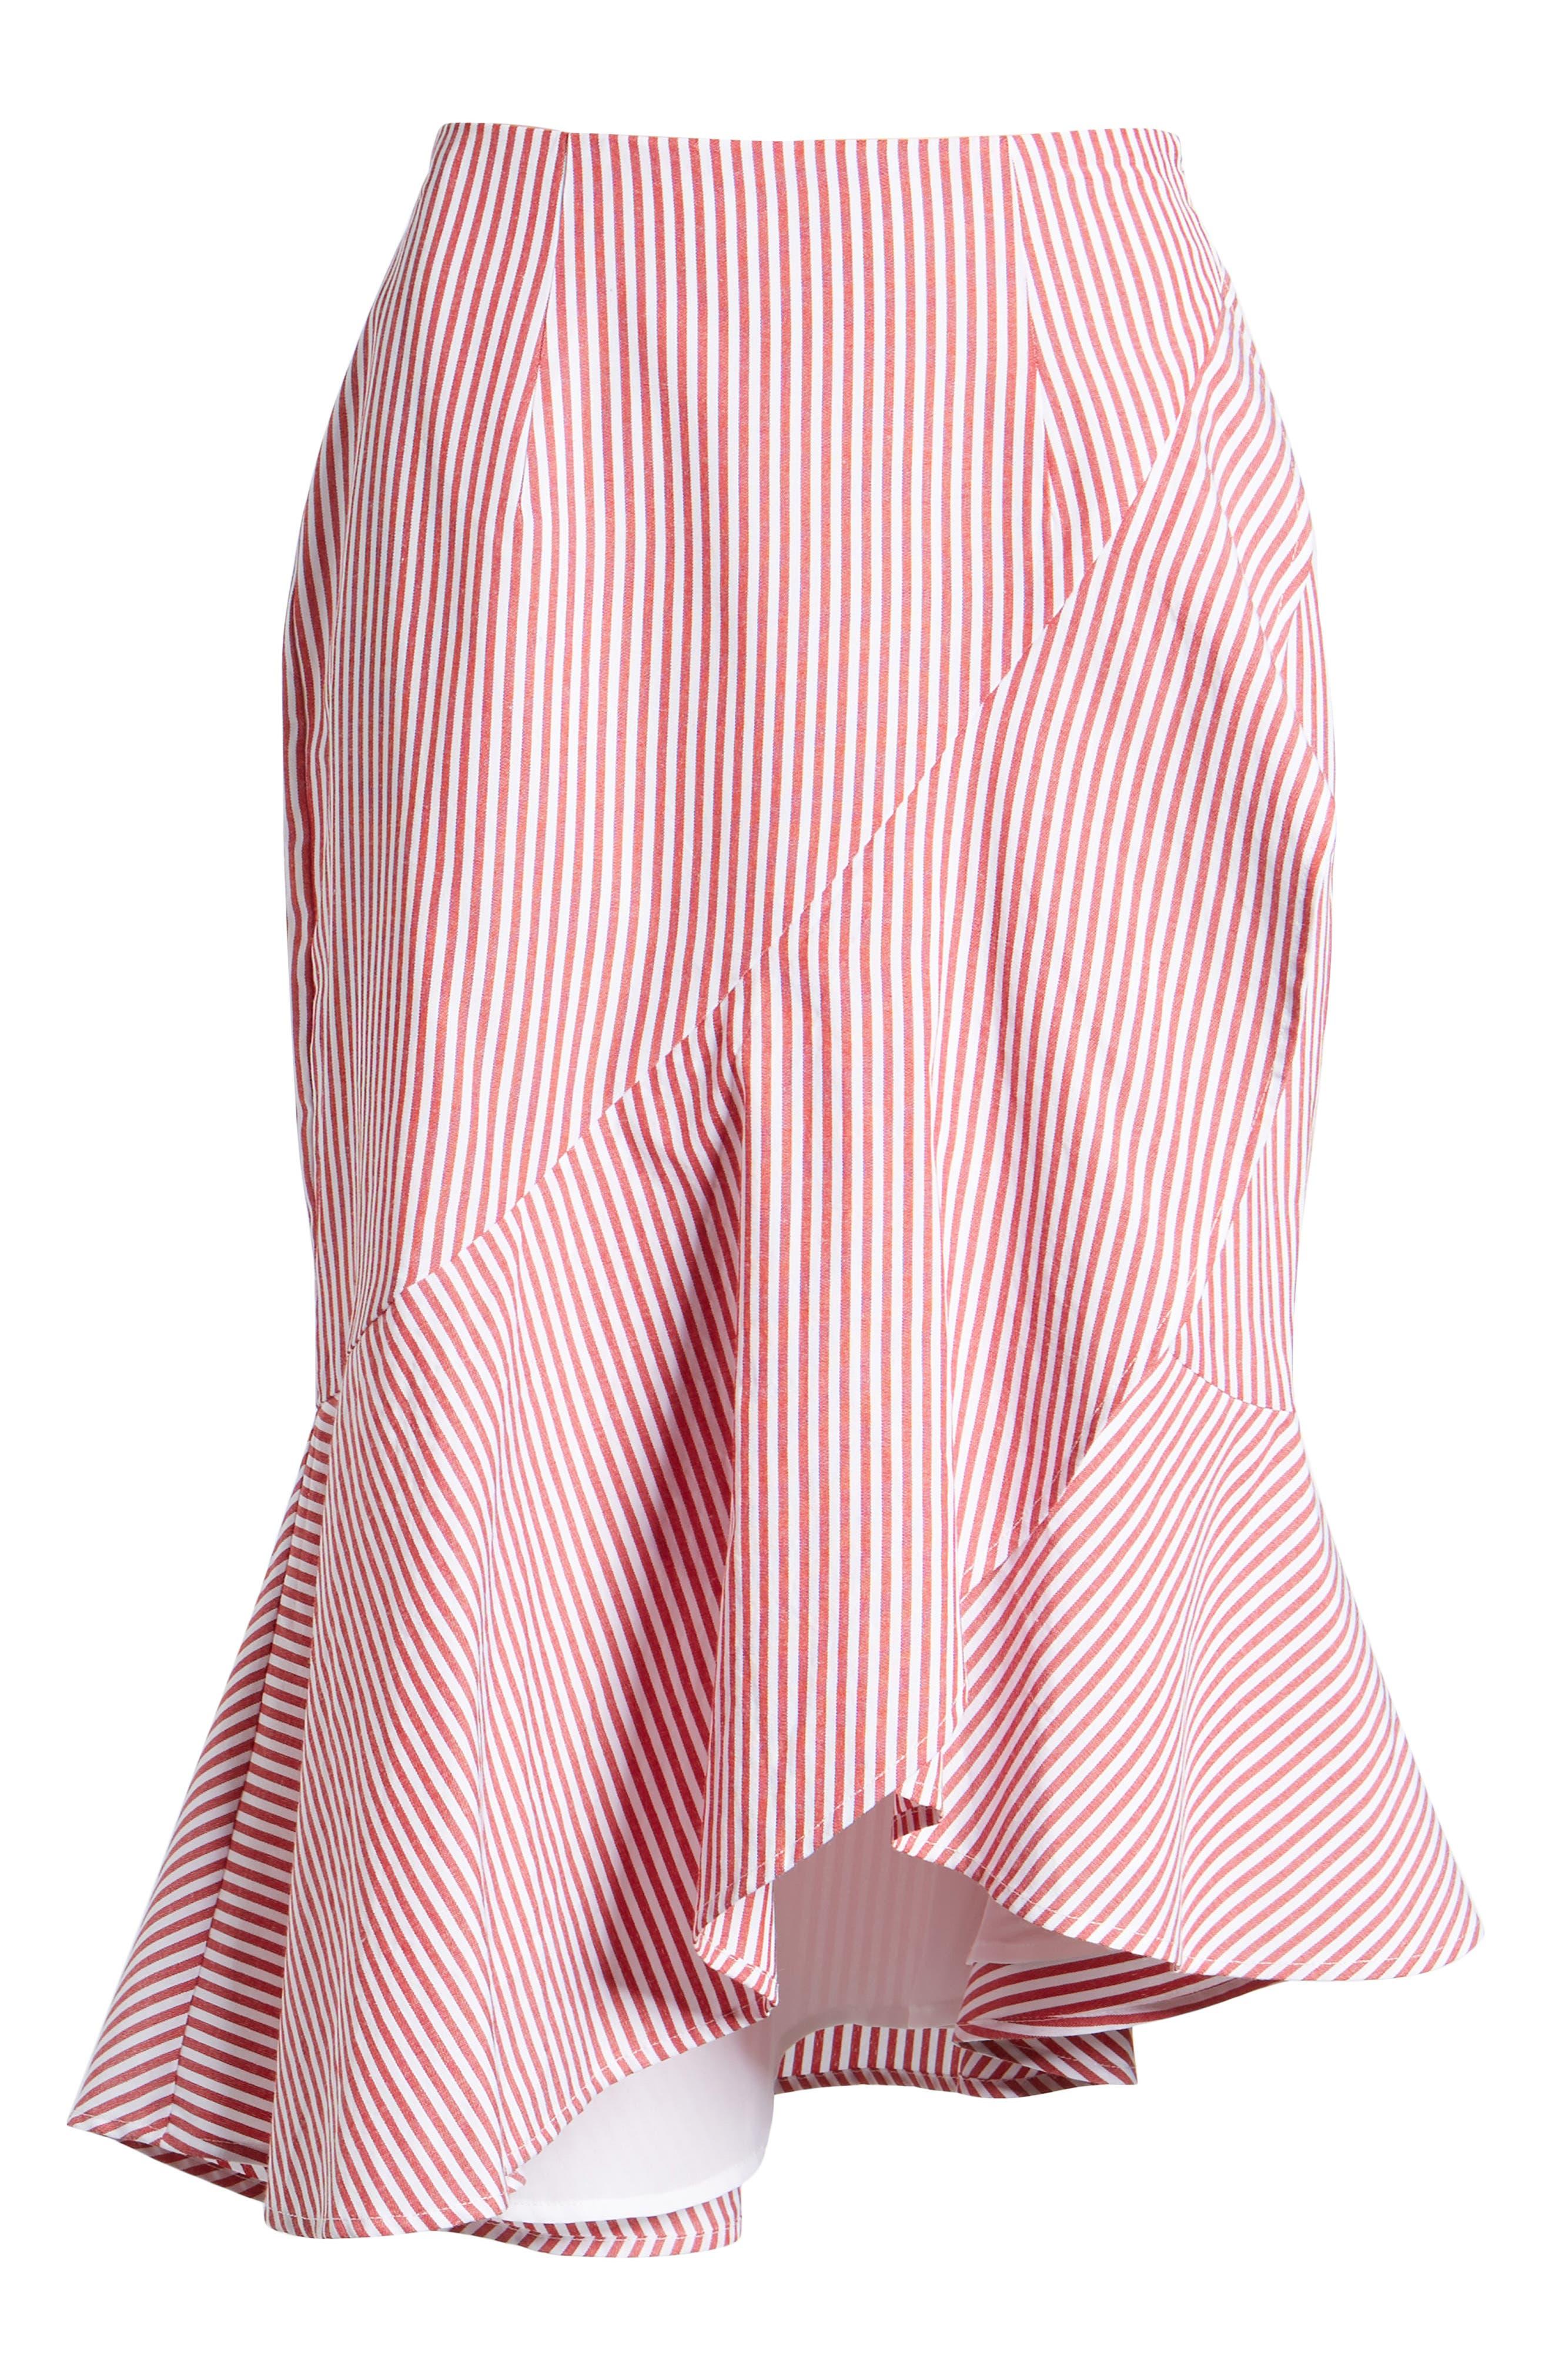 Naples Ruffle Skirt,                             Alternate thumbnail 10, color,                             Red Stripe